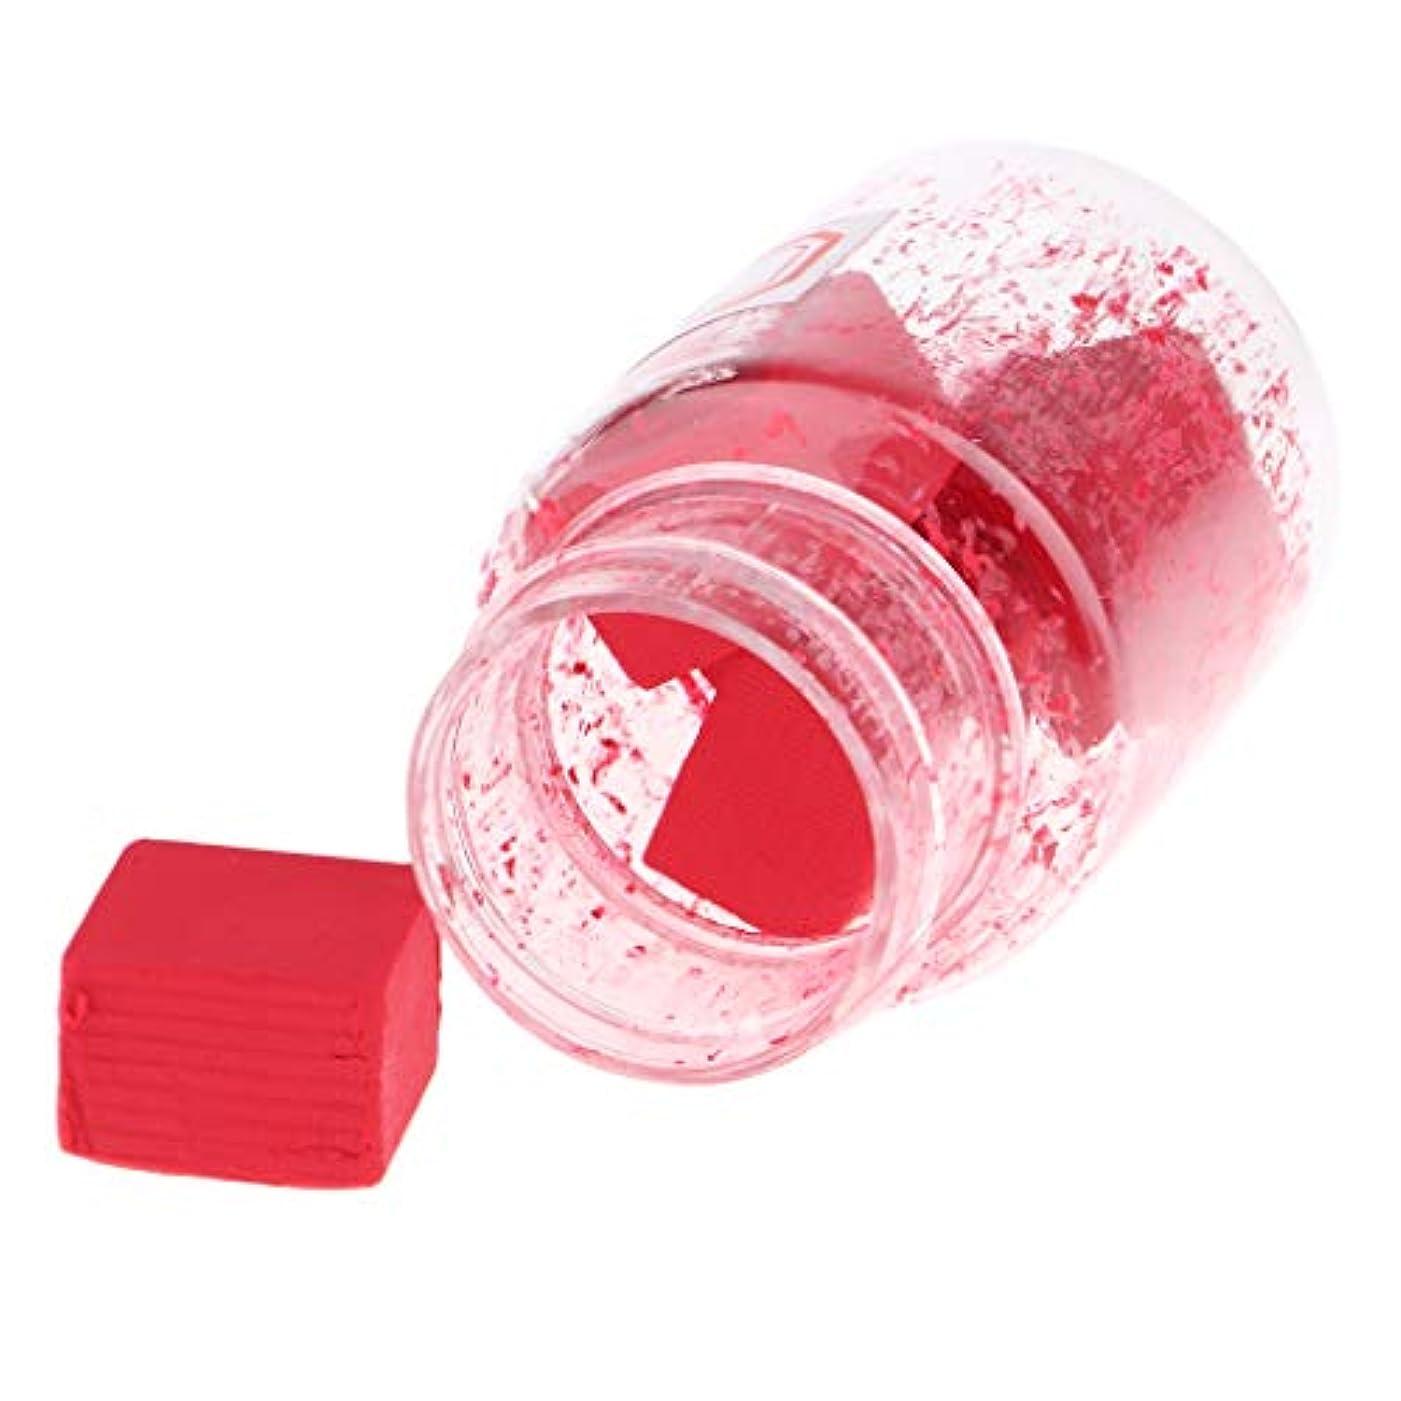 位置する導体湖Perfeclan 口紅作り DIY リップスティック原料 赤面原料 無ワックス 無粉砕 無飛翔粉末 9色選択でき - B